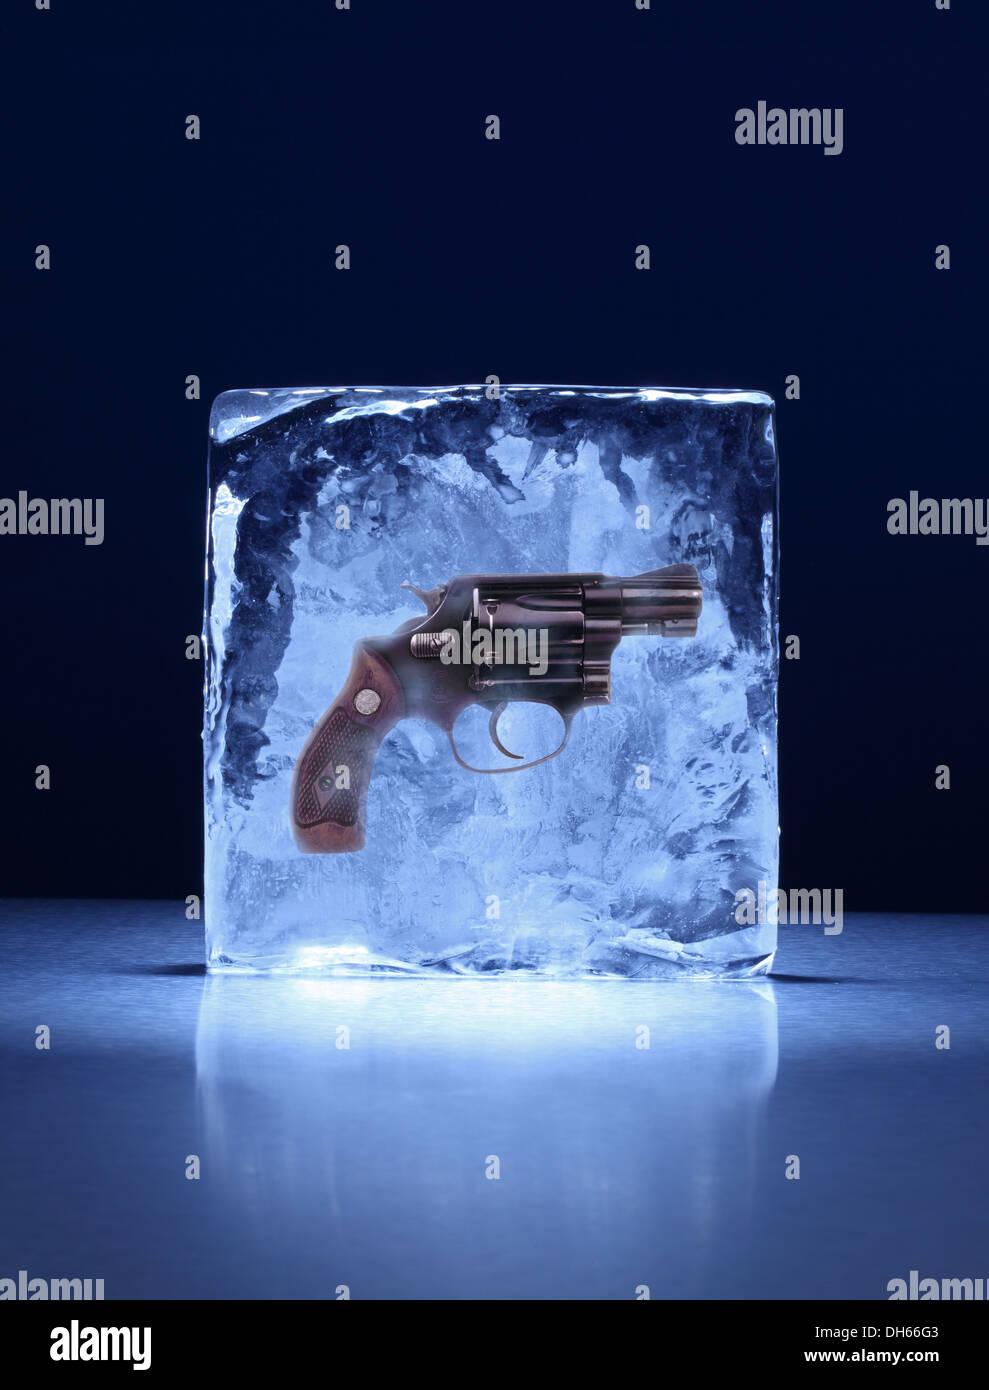 Eine Pistole, die in einem klaren Eisblock eingefroren Stockbild